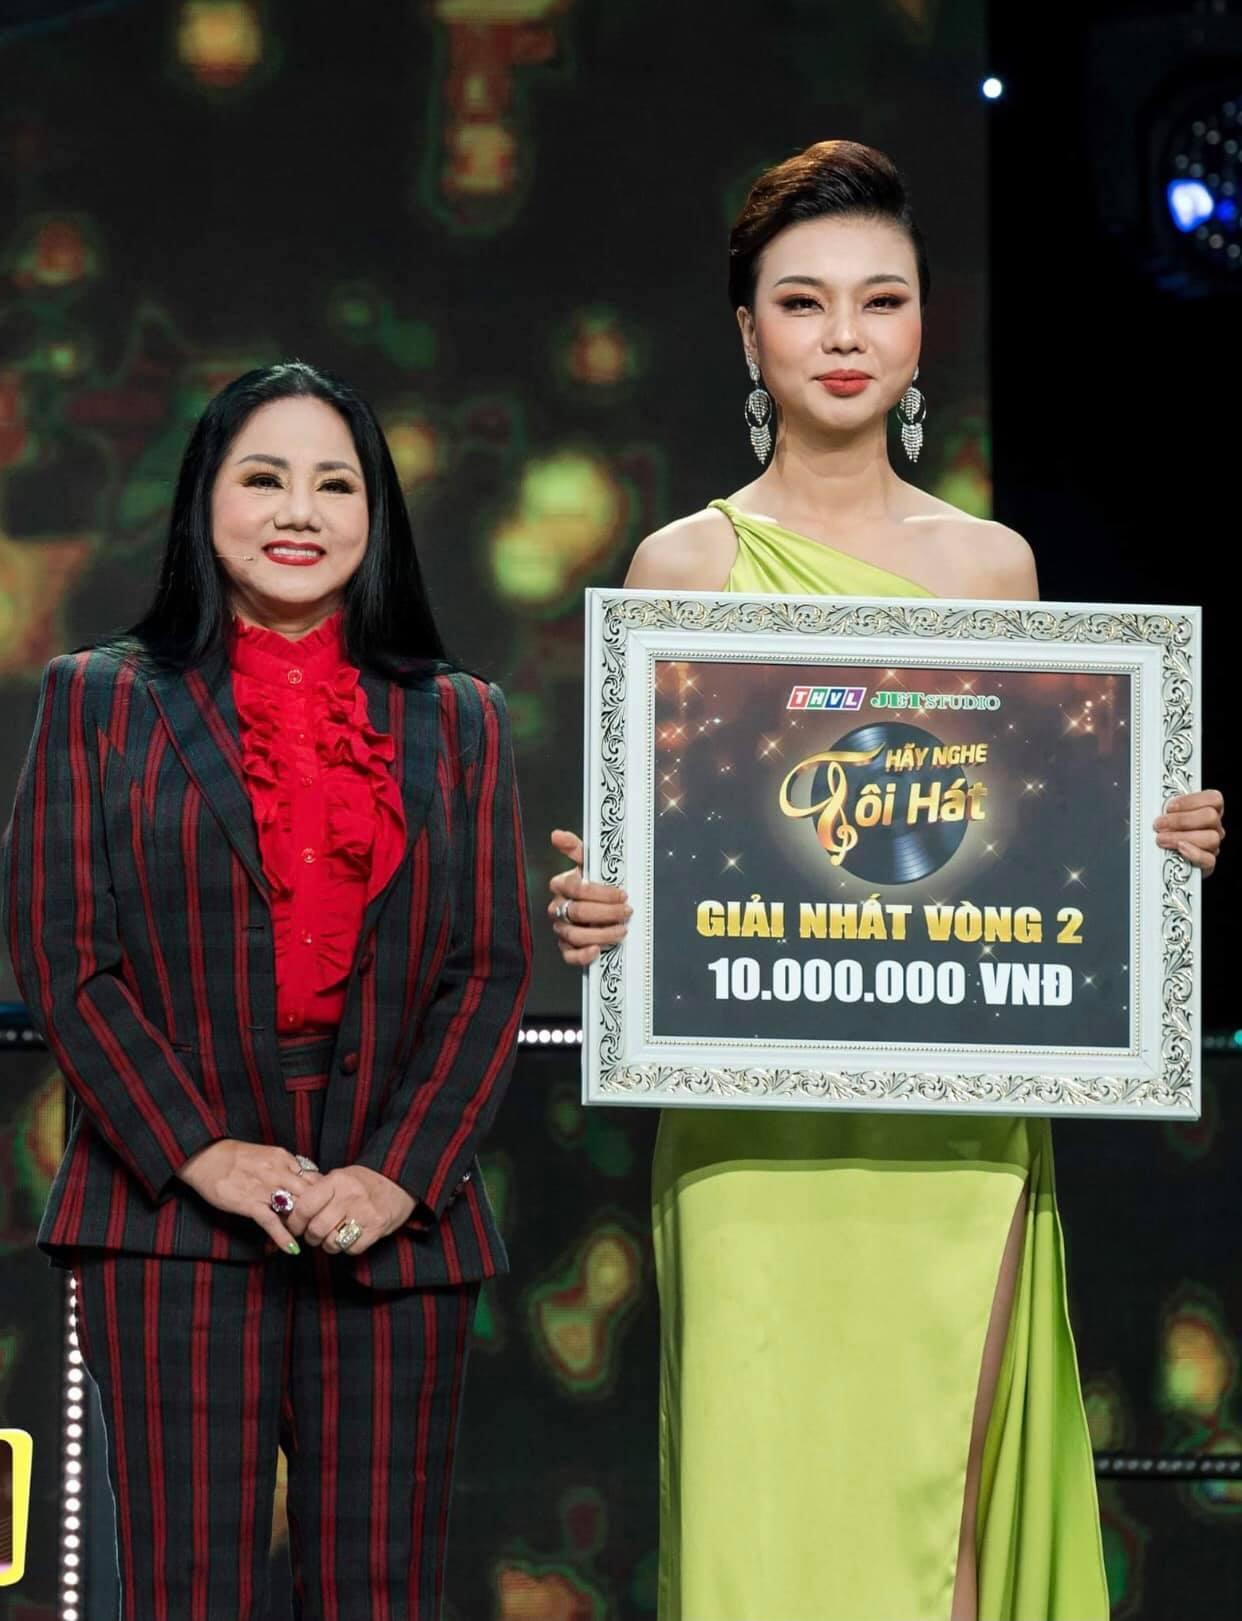 Thái Bảo giành cú đúp giải nhất tuần chương trình 'Hãy nghe tôi hát' Ảnh 2